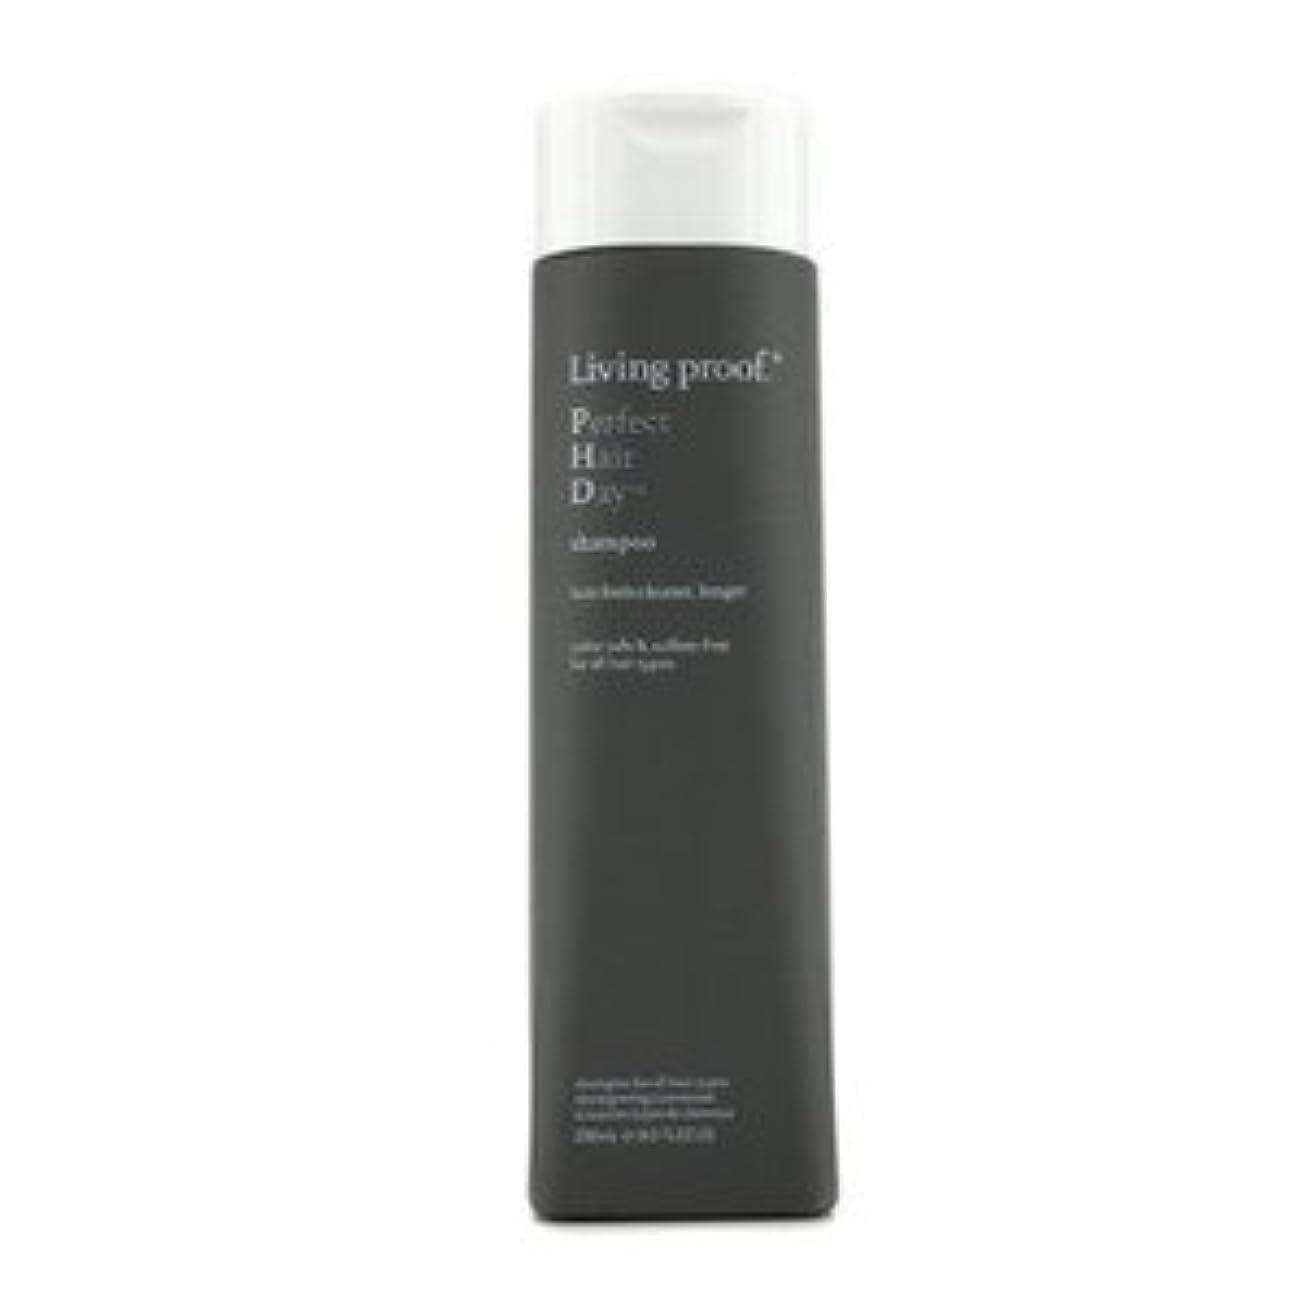 凍結カートリッジ矢じりLiving Proof パーフェクト ヘア デイ(PHD)シャンプー(For All Hair Types) 236ml/8oz [並行輸入品]